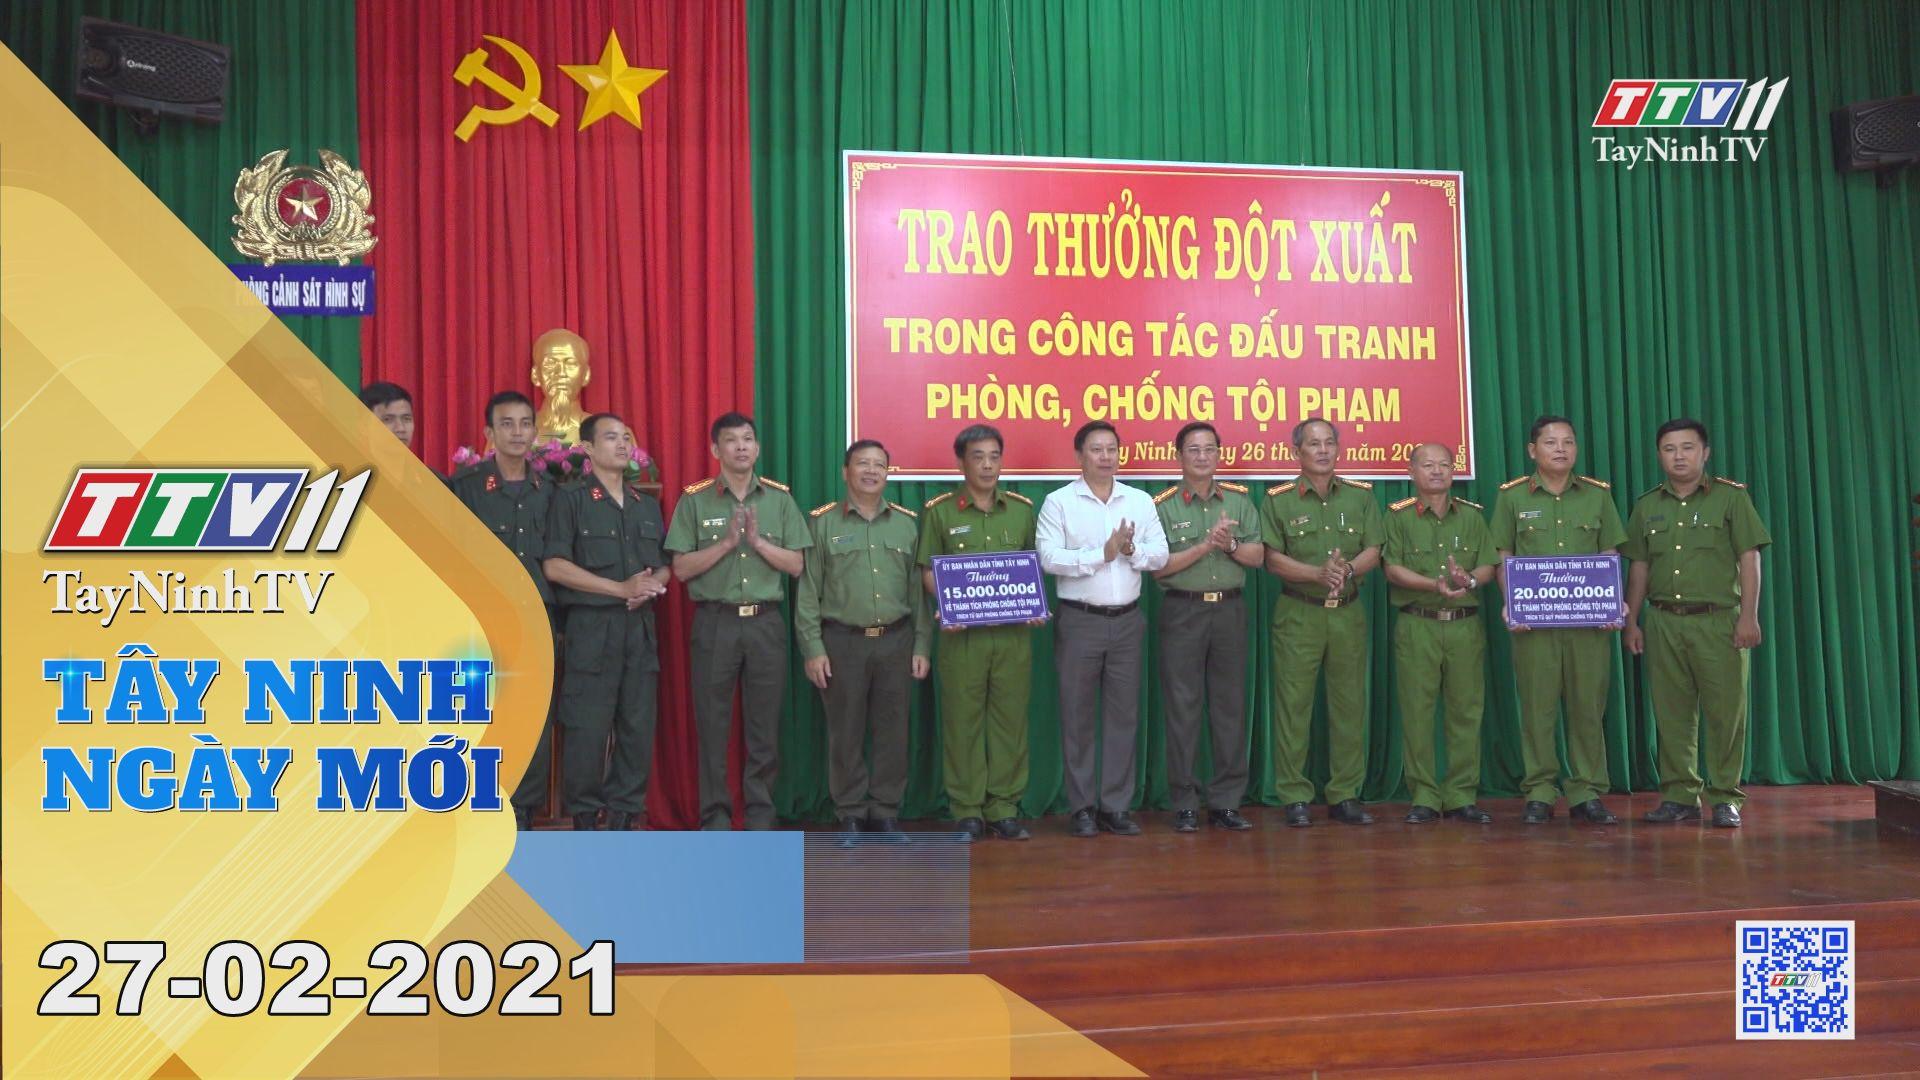 Tây Ninh Ngày Mới 27-02-2021 | Tin tức hôm nay | TayNinhTV